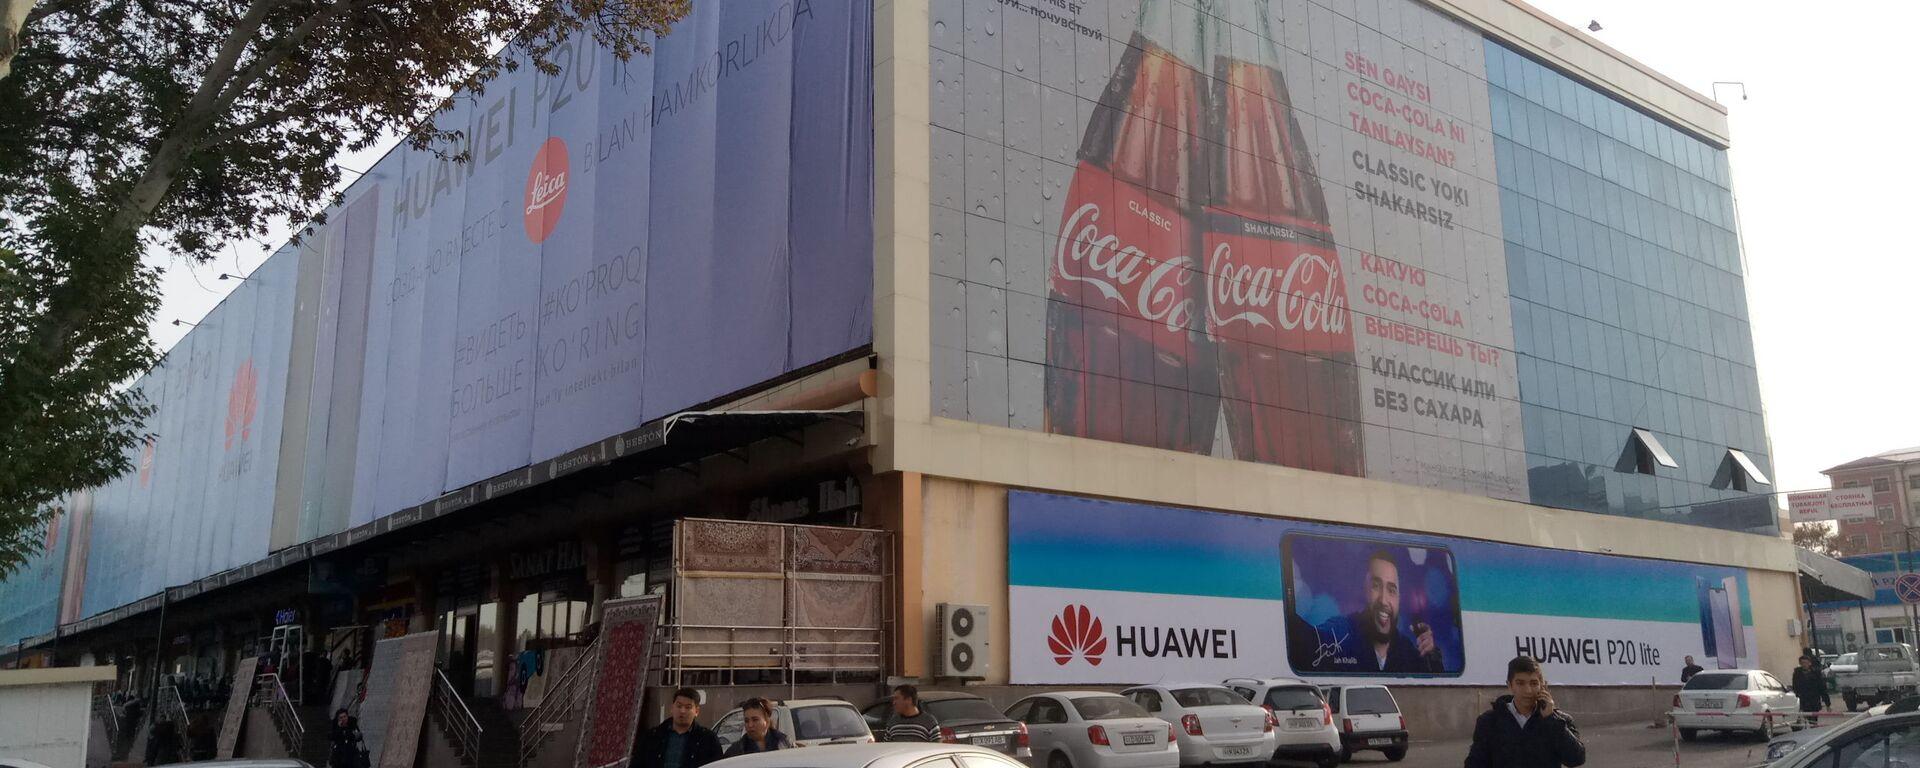 Izobrajeniye Coca-Cola na odnom iz torgovыx tsentrov v Tashkente - Sputnik Oʻzbekiston, 1920, 22.06.2020